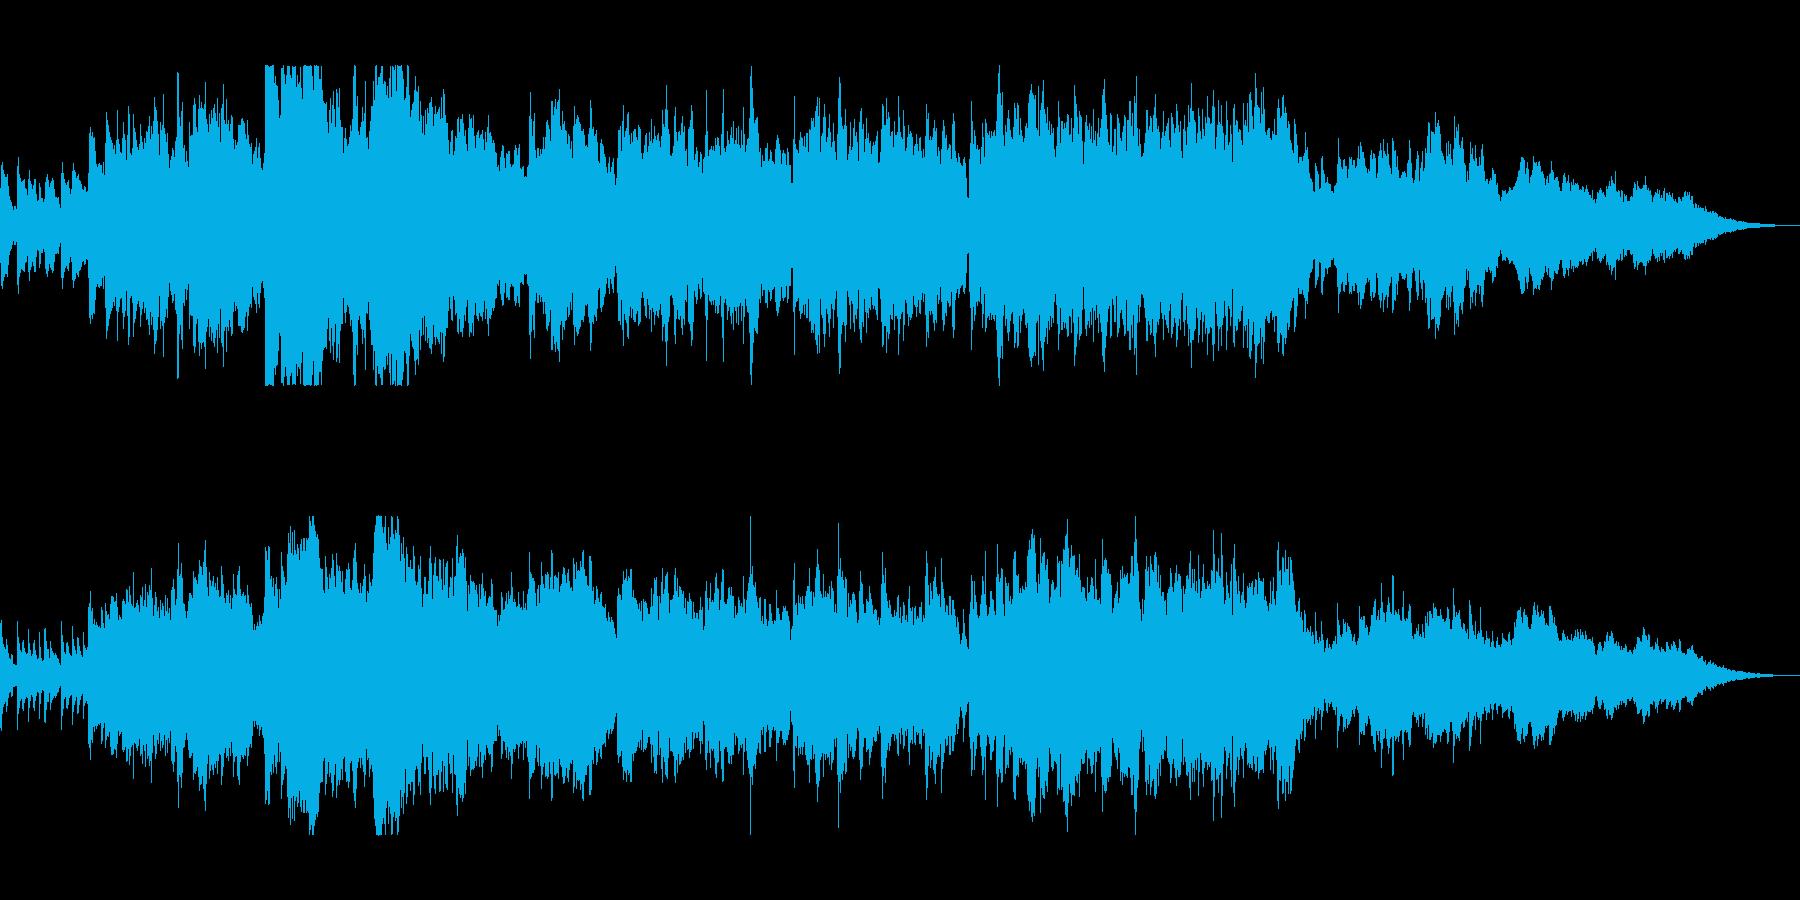 壮大で感動的なクリスマスオーケストラの再生済みの波形